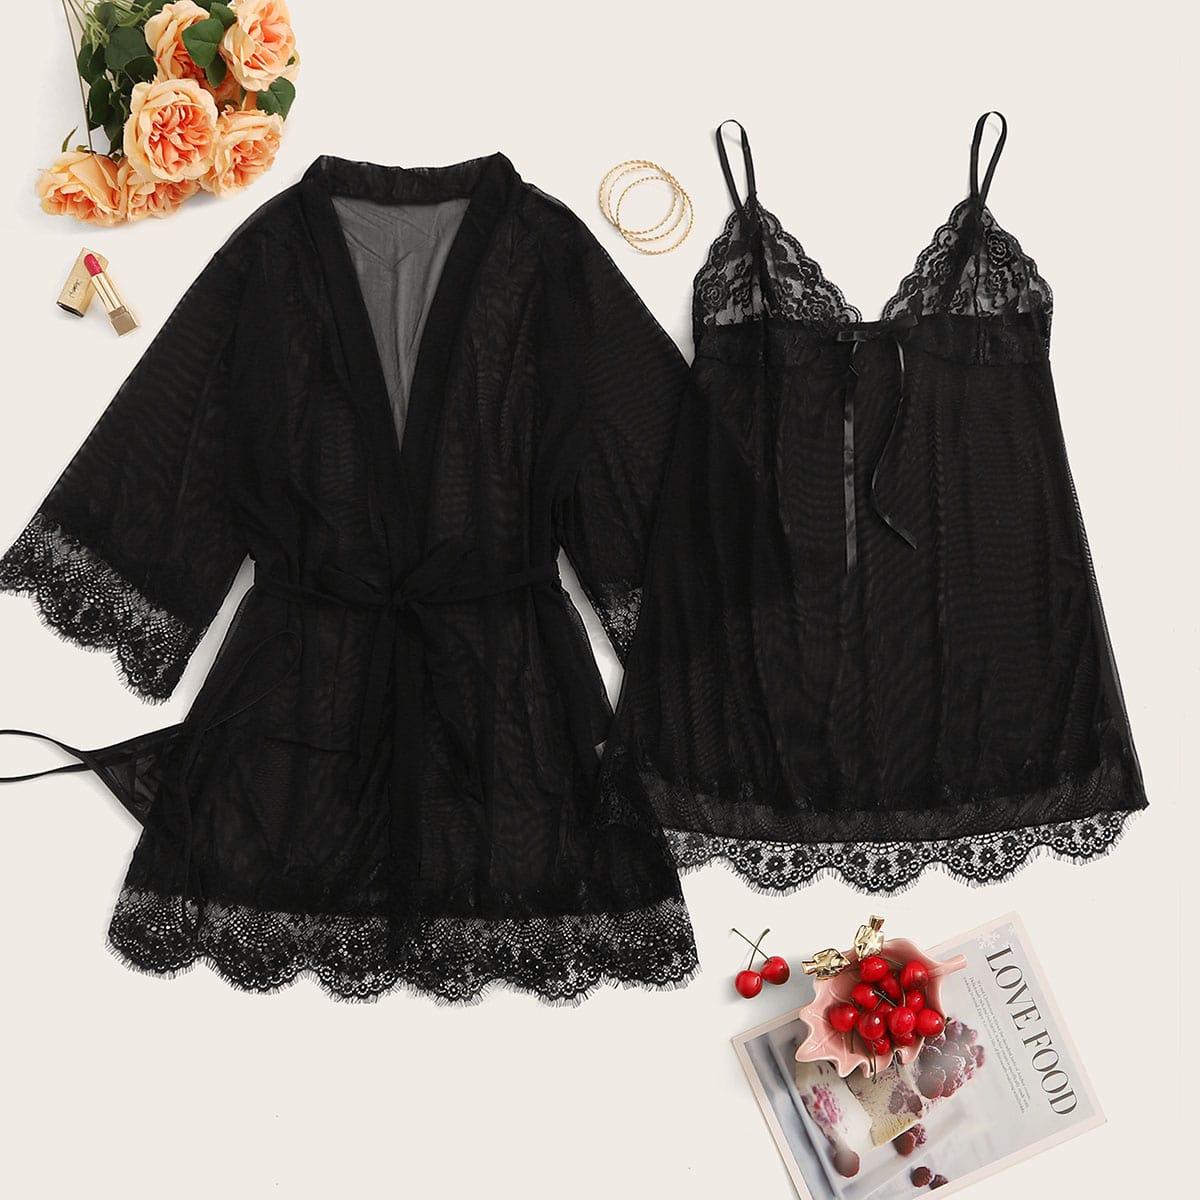 Сетчатый халат, пижама и стринги размера плюс 3шт